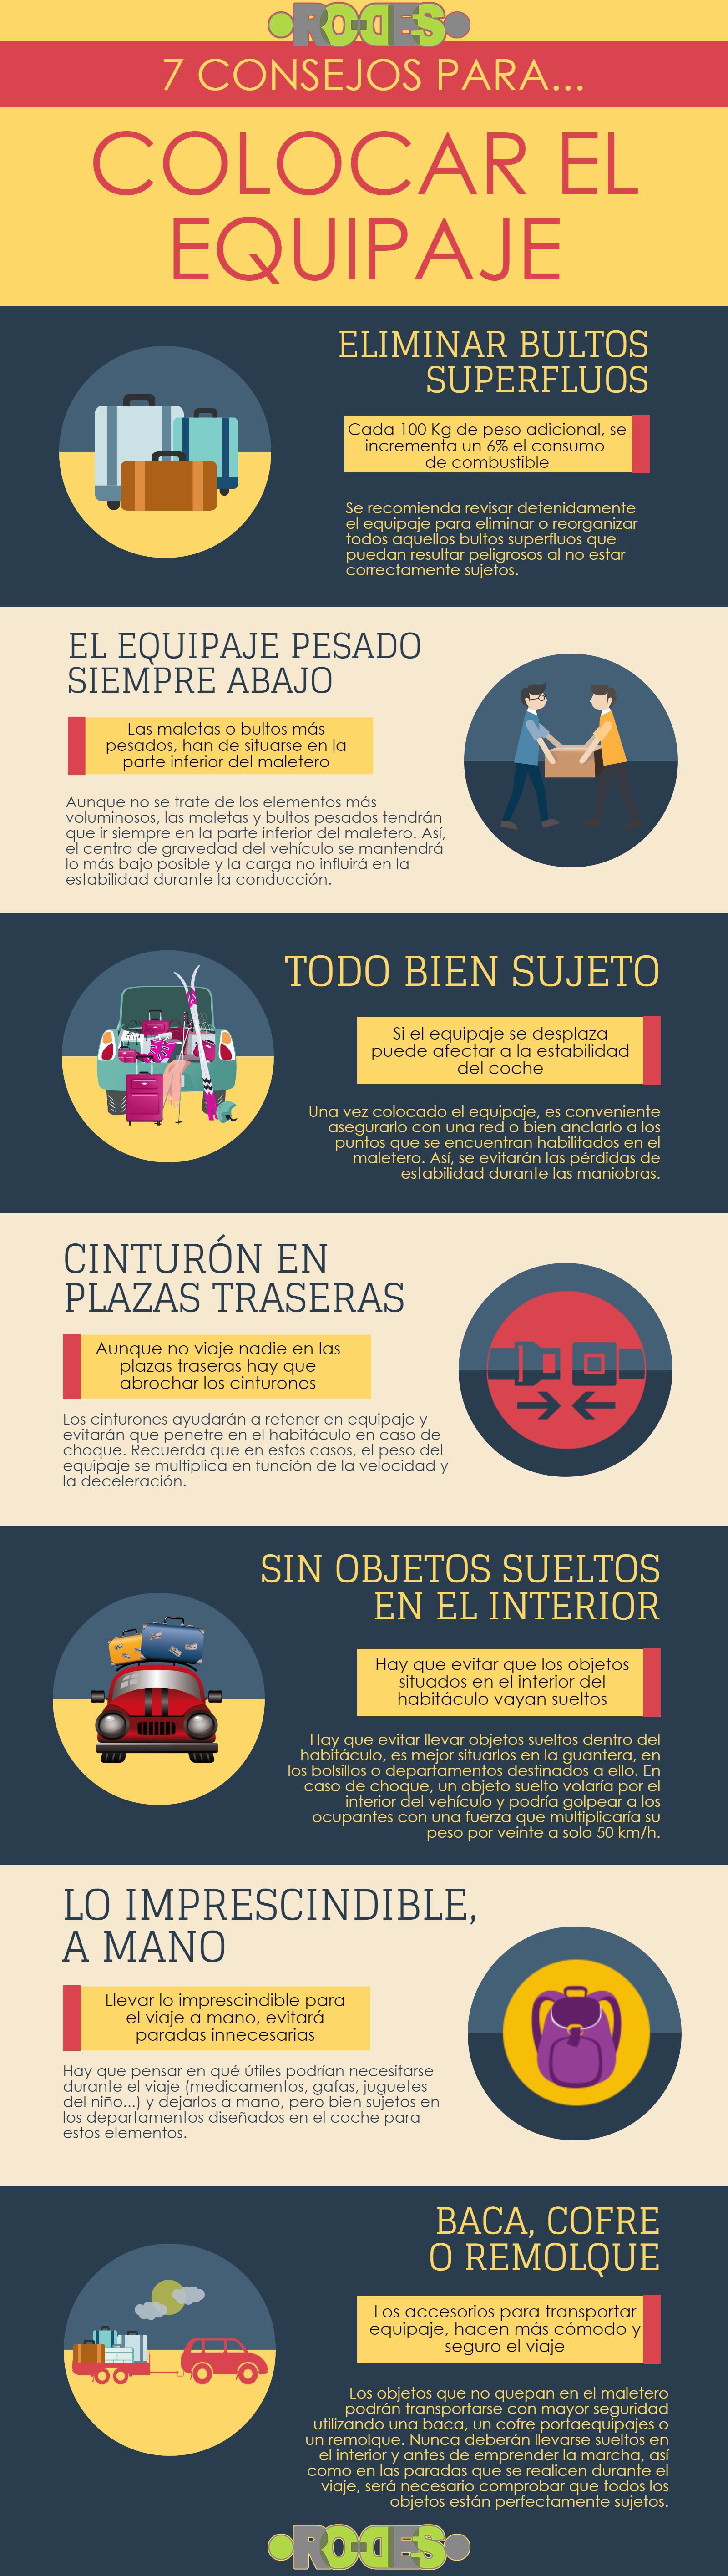 infografía-Colocar-el-equipaje